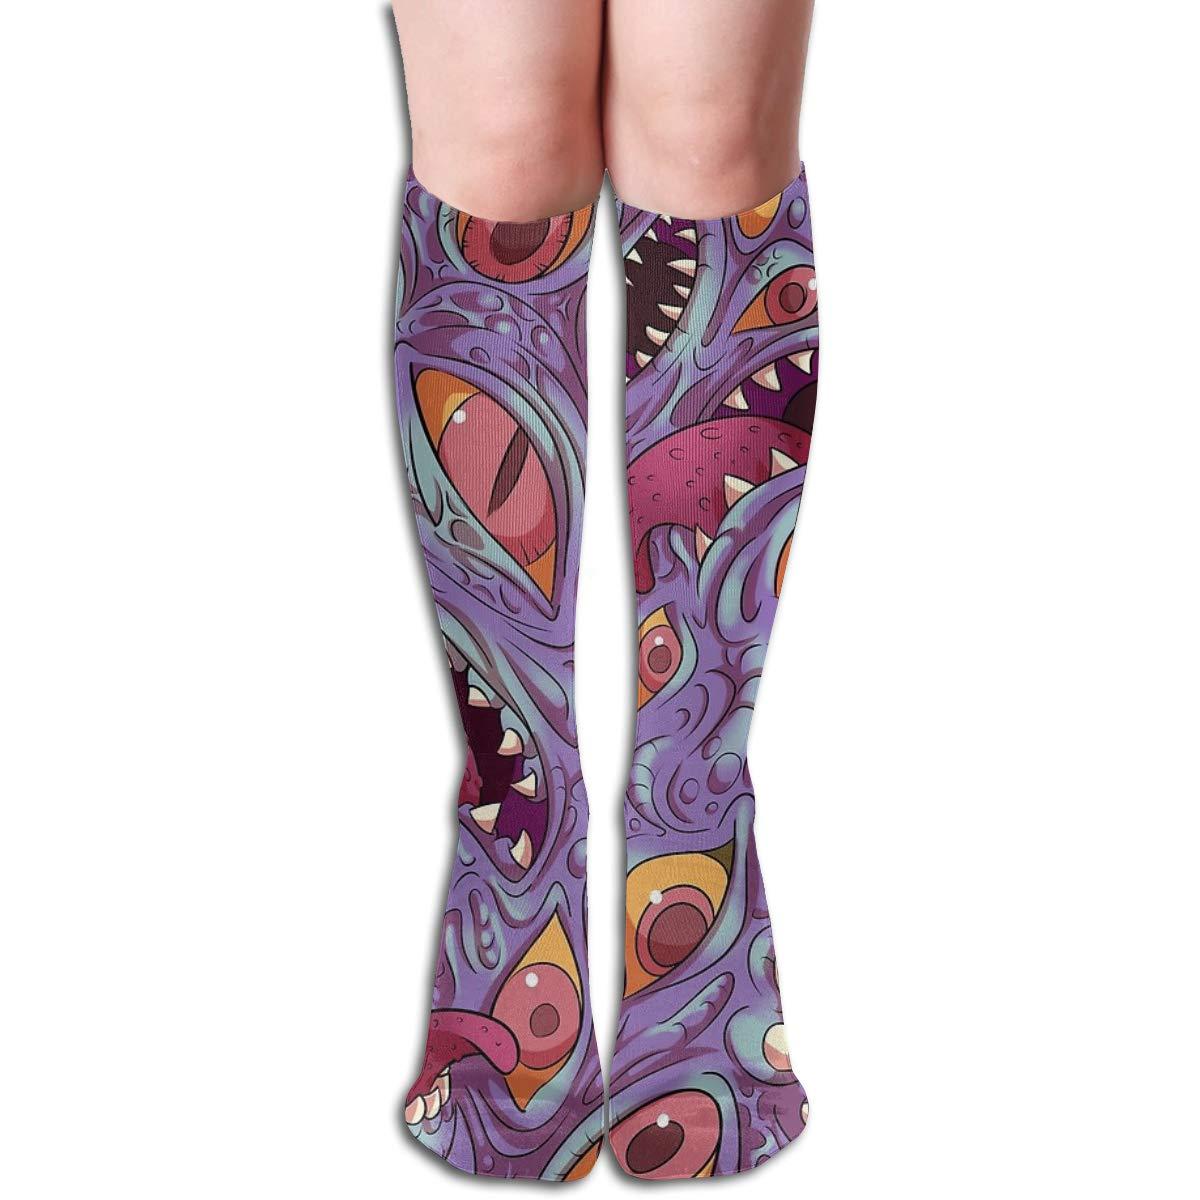 Lovecraftian Pattern Compression Socks Soccer Socks High Socks For Running,Medical,Athletic,Edema,Varicose Veins,Travel,Nursing.